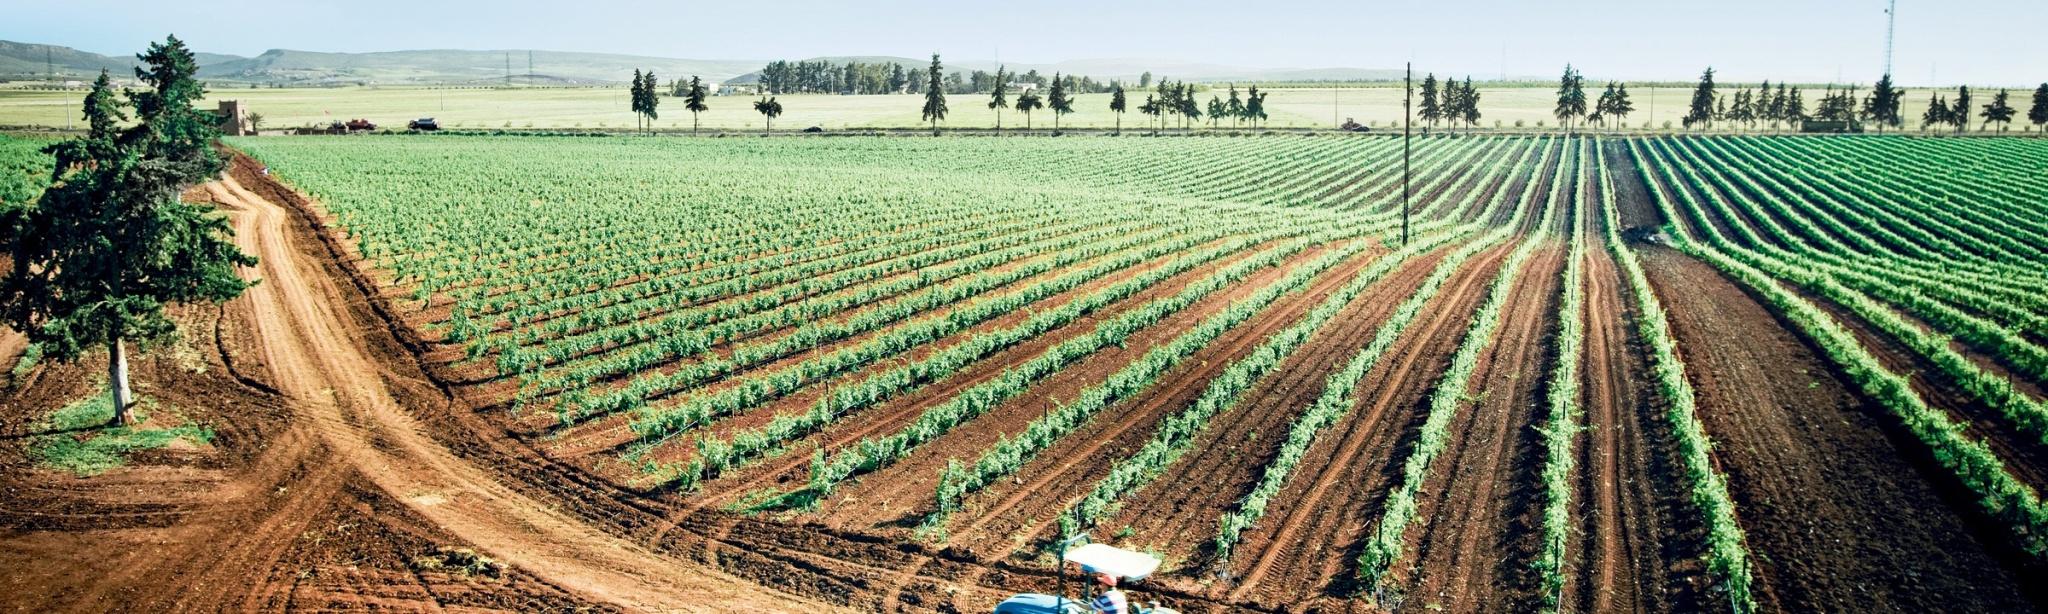 главное место в сельском хозяйстве занимает